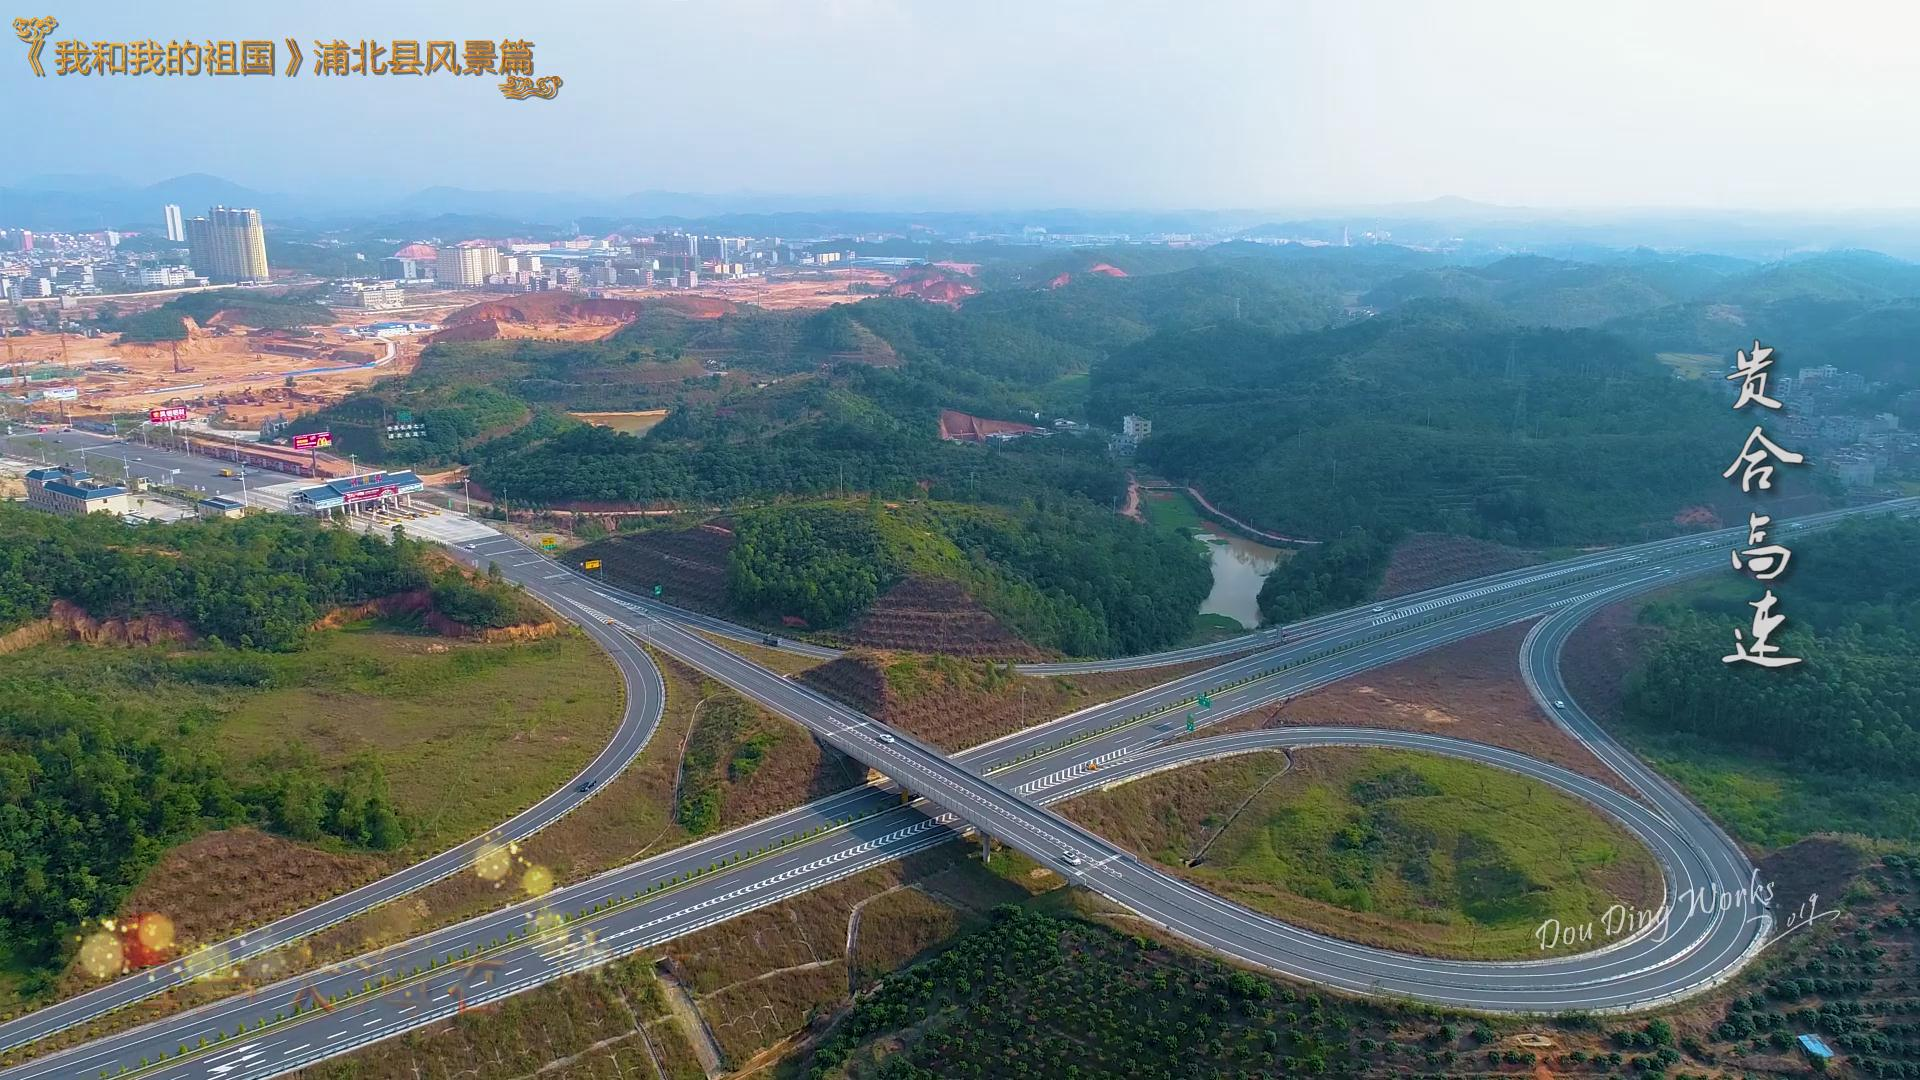 《我和我的祖国》浦北县风景篇13.jpg